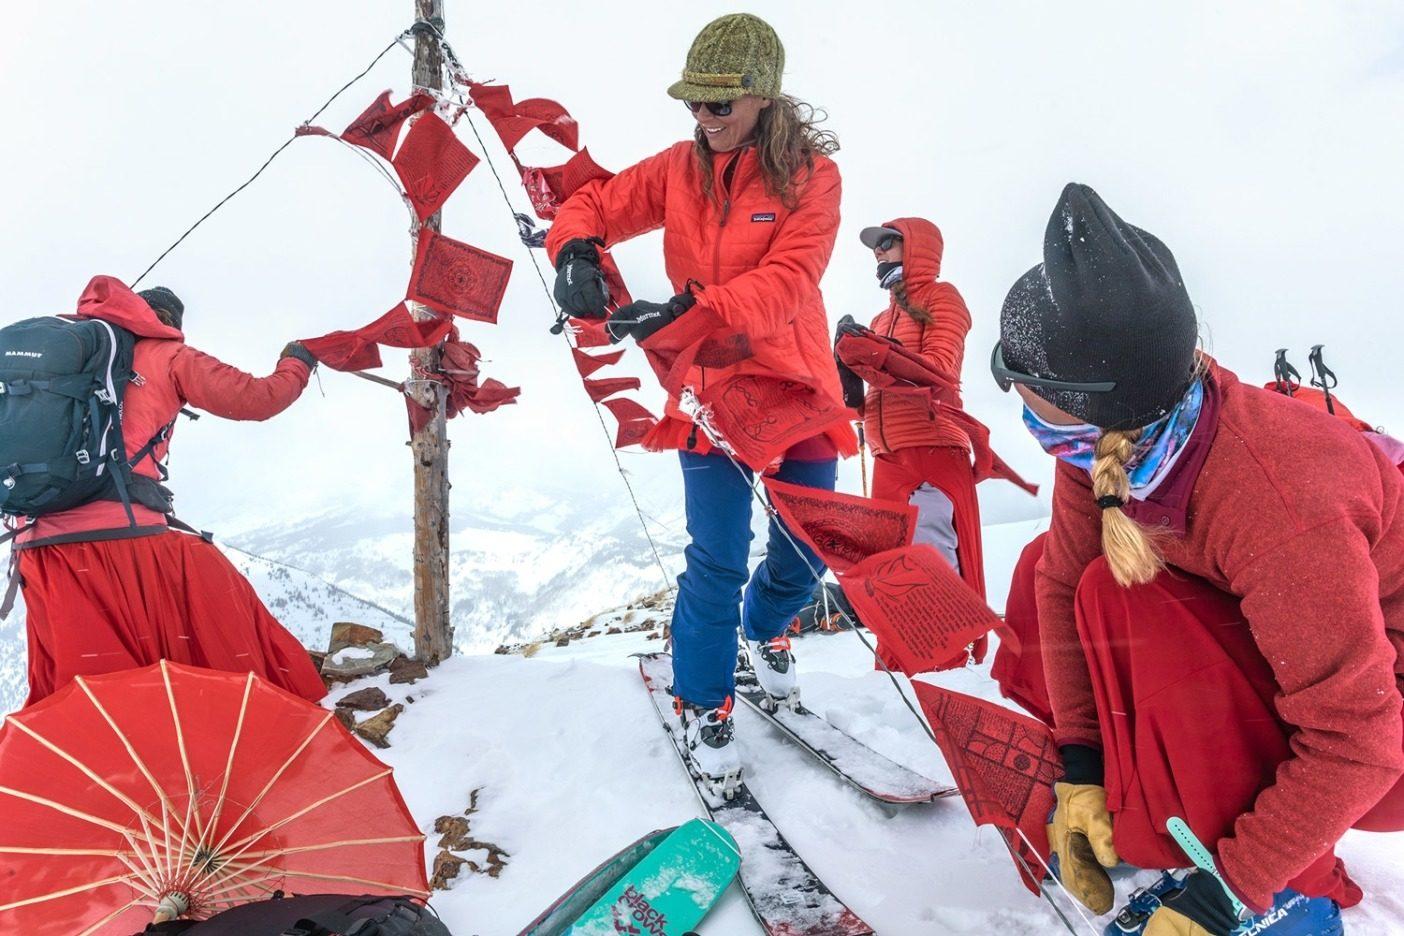 自己を超えた目的と故郷の愛をエネルギー源に、 冷たい突風や顔を刺すような雪、そして不安定な スキーのコンディションにも負けることなく、笑顔を 絶やさないレッド・レディのスキーヤーたち。Photo:Forest Woodward